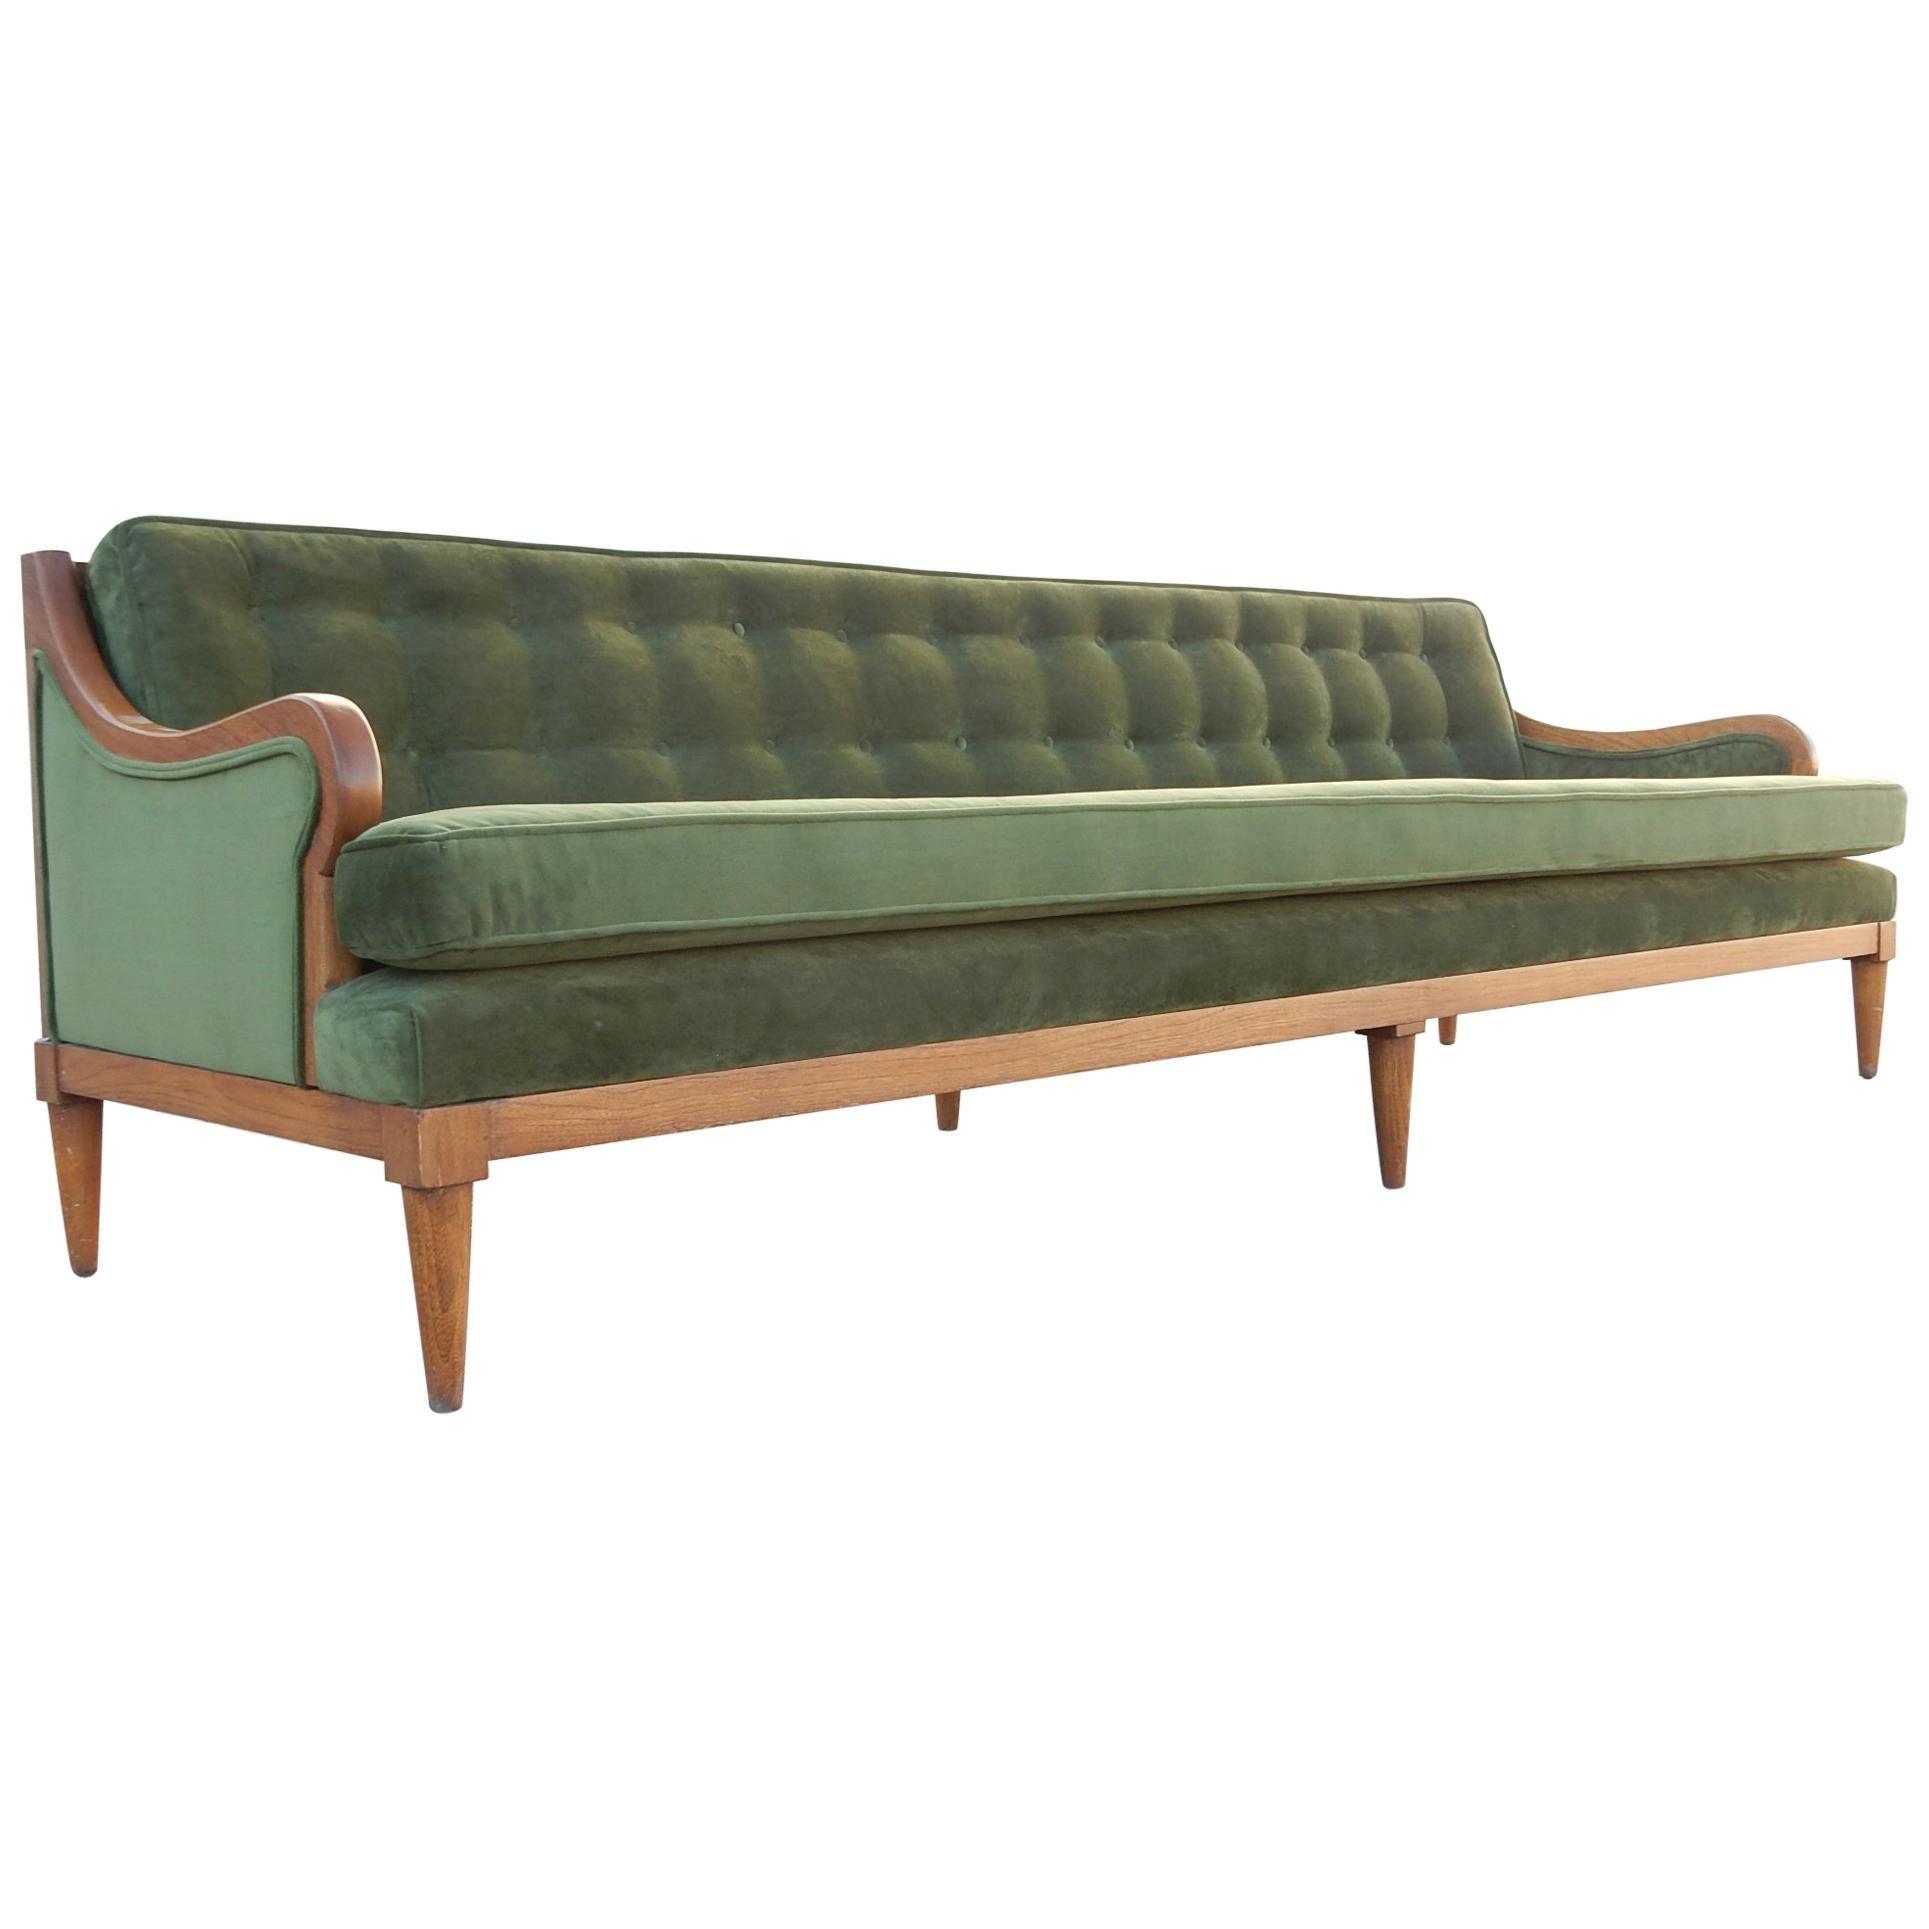 luscious mid century modern green velvet sofa for sale at 1stdibs rh 1stdibs com velvet sofa for sale victoria velvet sofa for sale near me